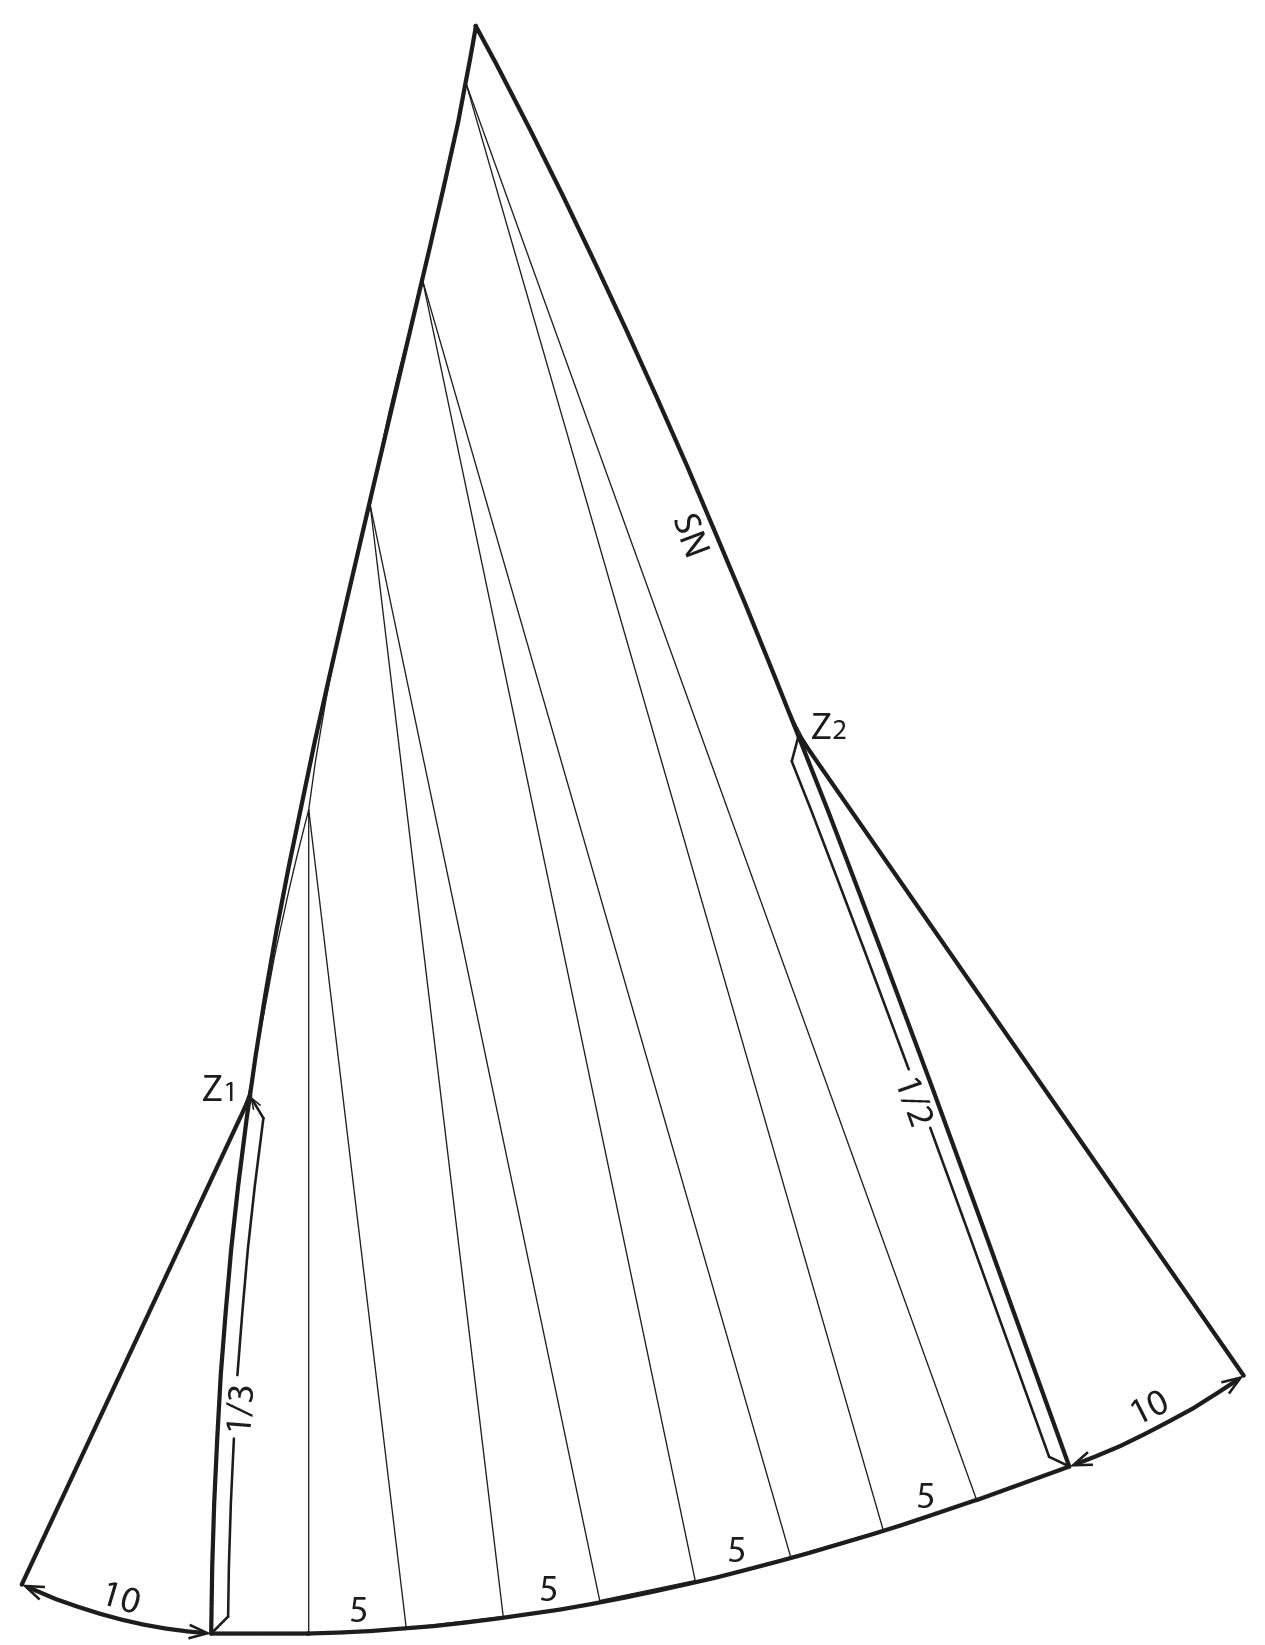 Die Abbilung zeigt die Schnittkonstruktion eines langen Kleides mit Cutouts.